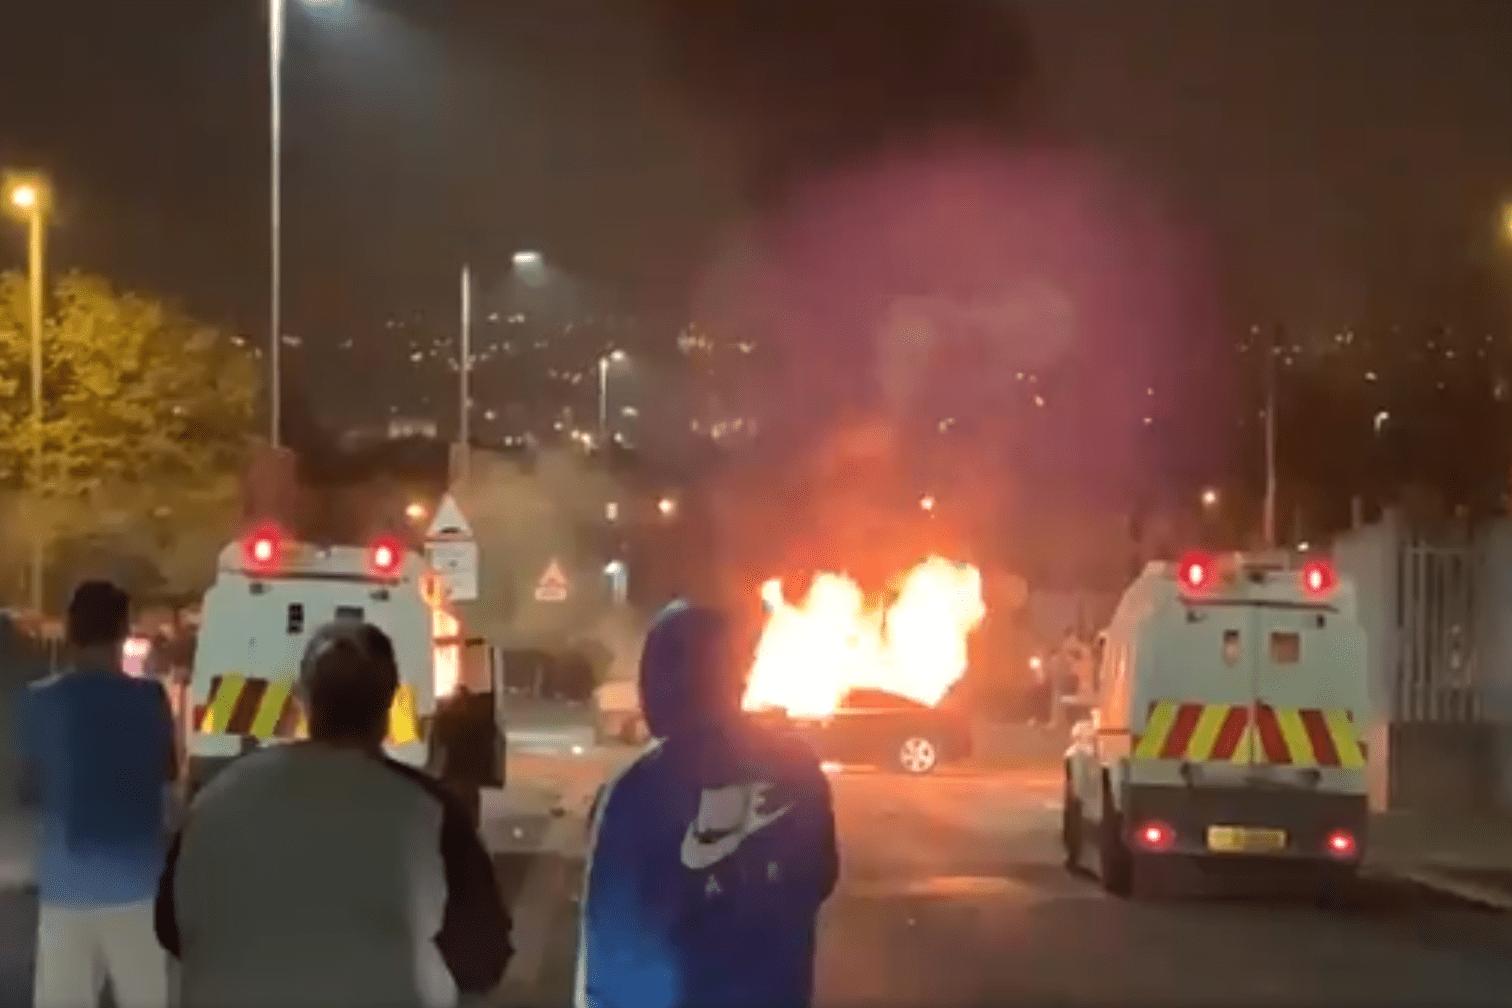 Torna l'incubo del terrorismo in Irlanda del Nord: giornalista uccisa a colpi di arma da fuoco